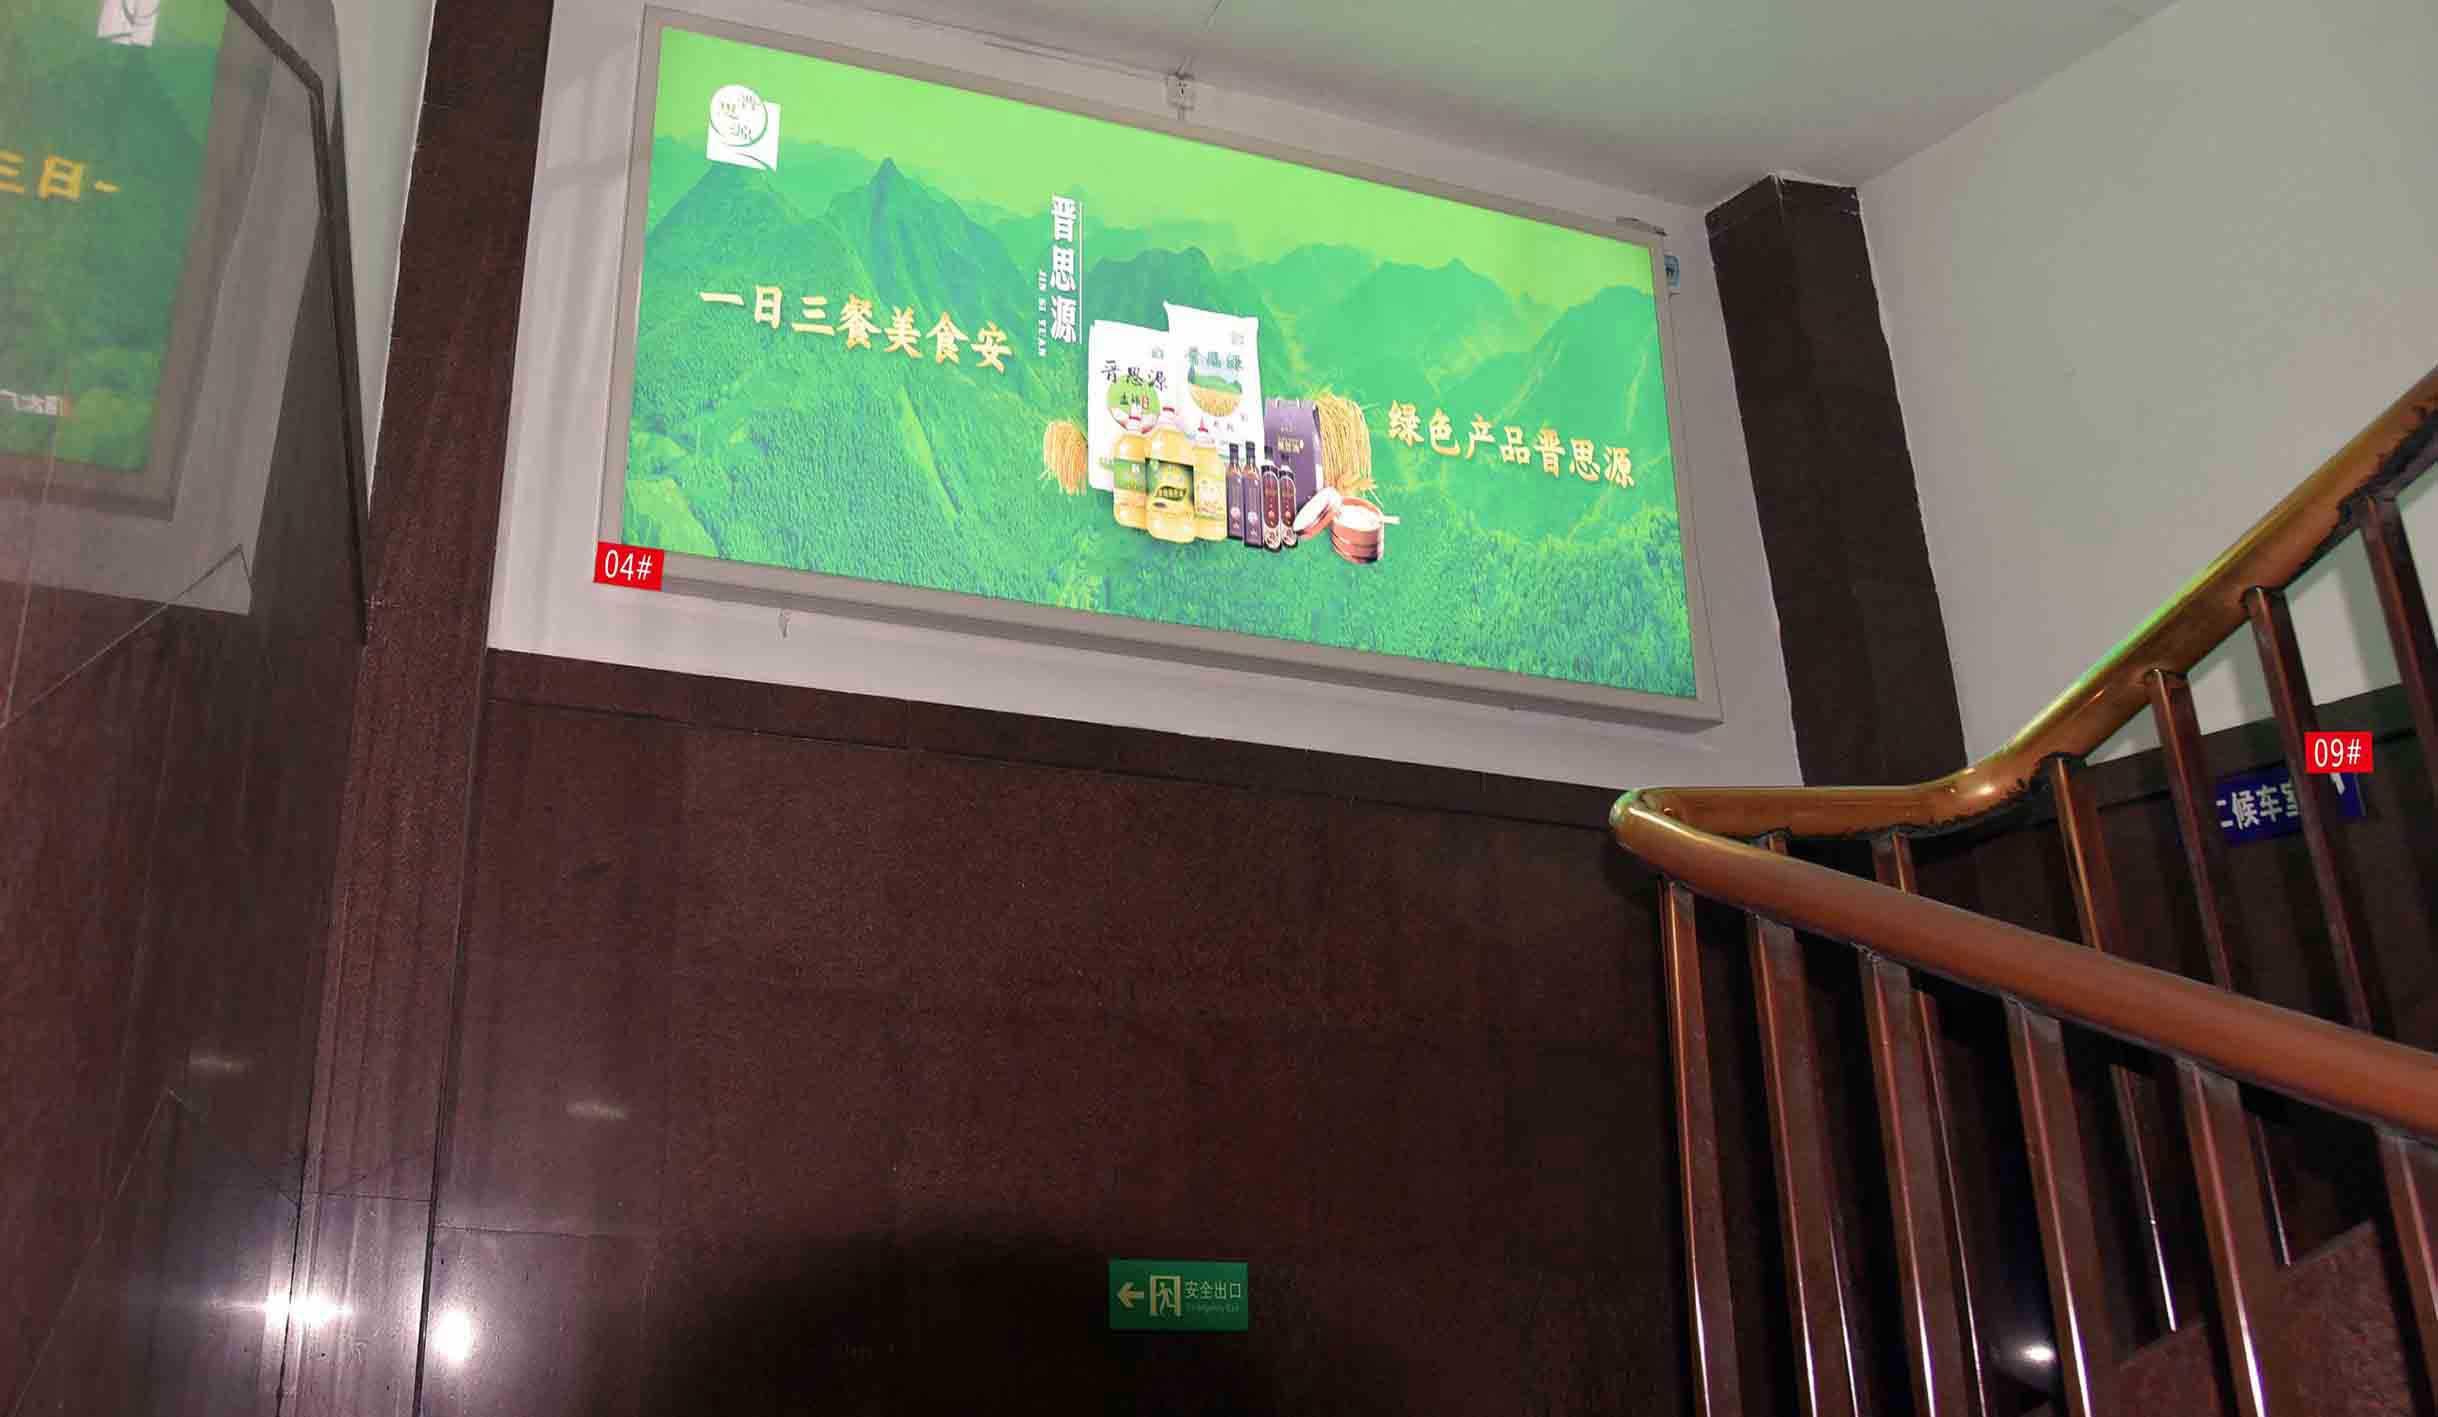 临汾火车站前厅楼梯处灯箱广告4#